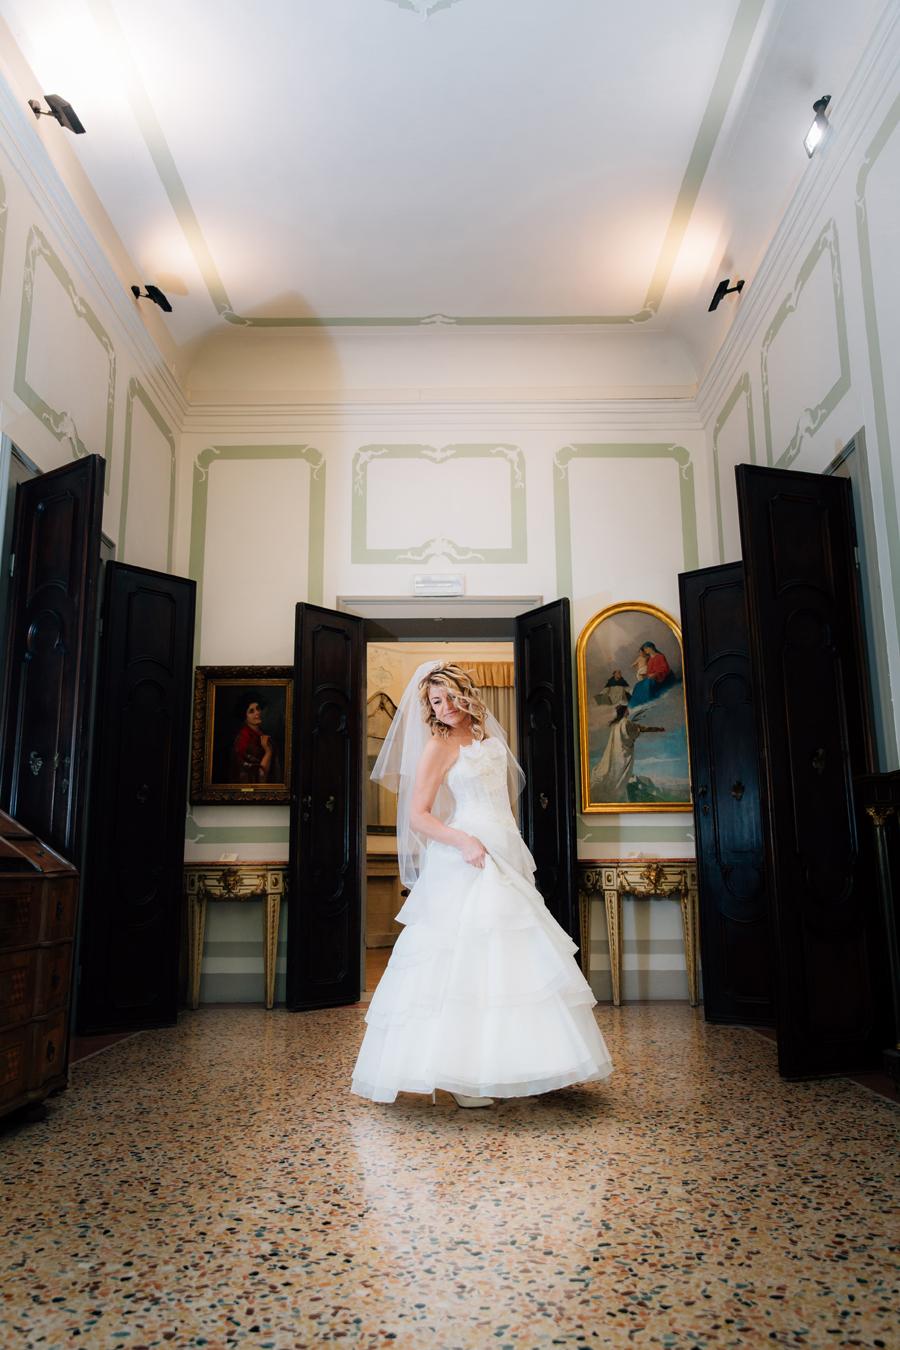 Renato_Zanette_Fotografo_Vittorio_Veneto_Manuela_Gisel_Altoè_Minigonne_&_Sant'Augusta